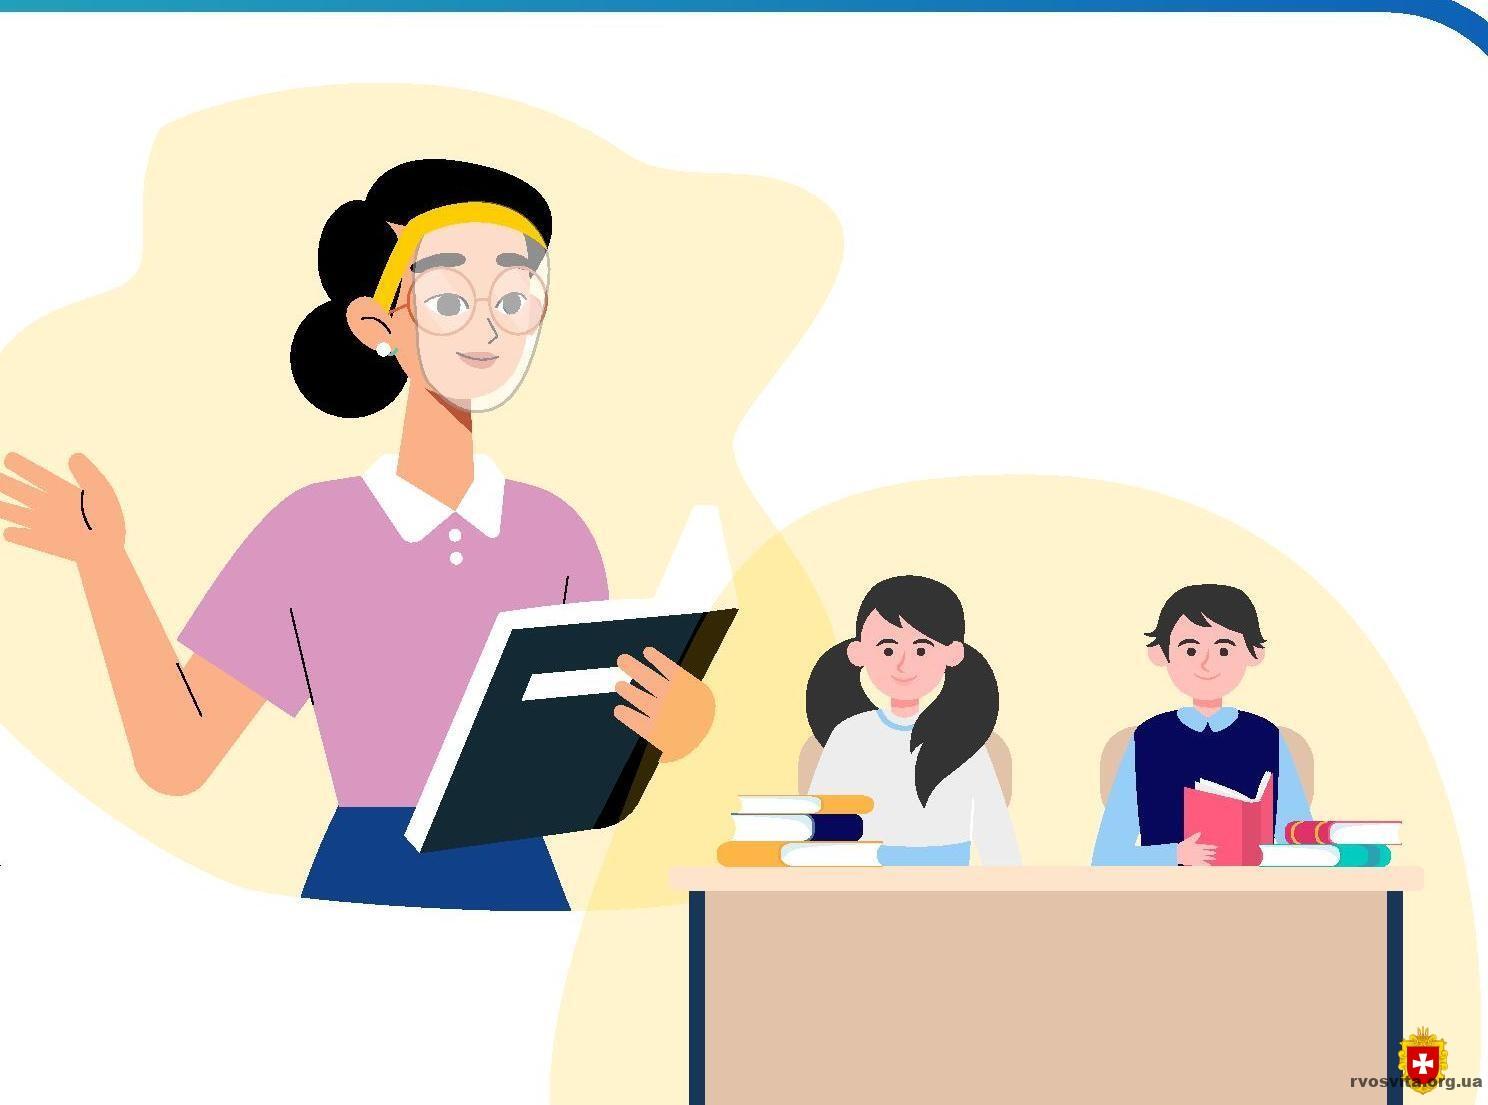 МОЗ затвердило правила та рекомендації щодо організації навчального процесу на період карантину